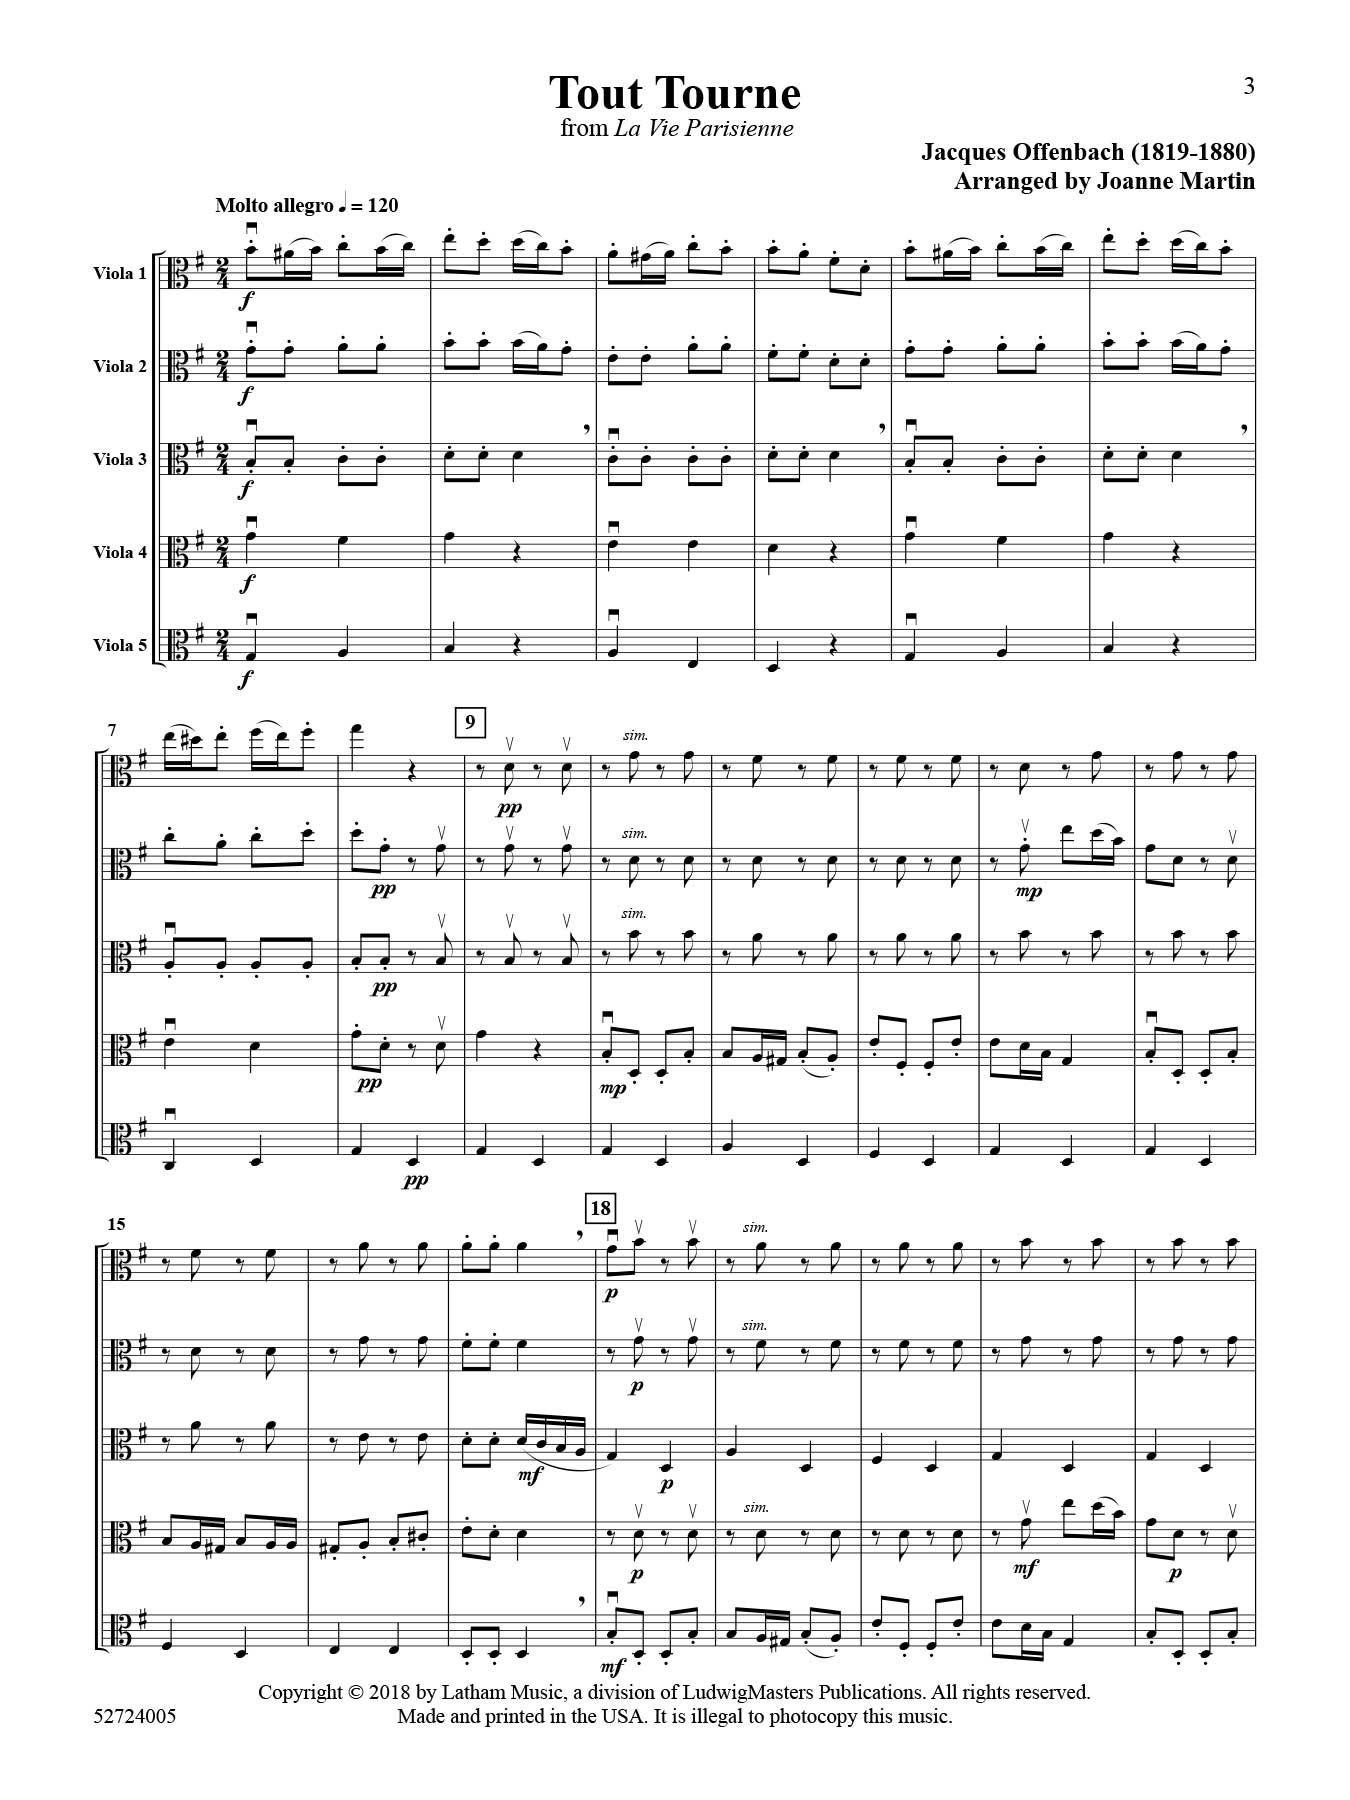 tout-tourne-viola-quintet-score.jpg